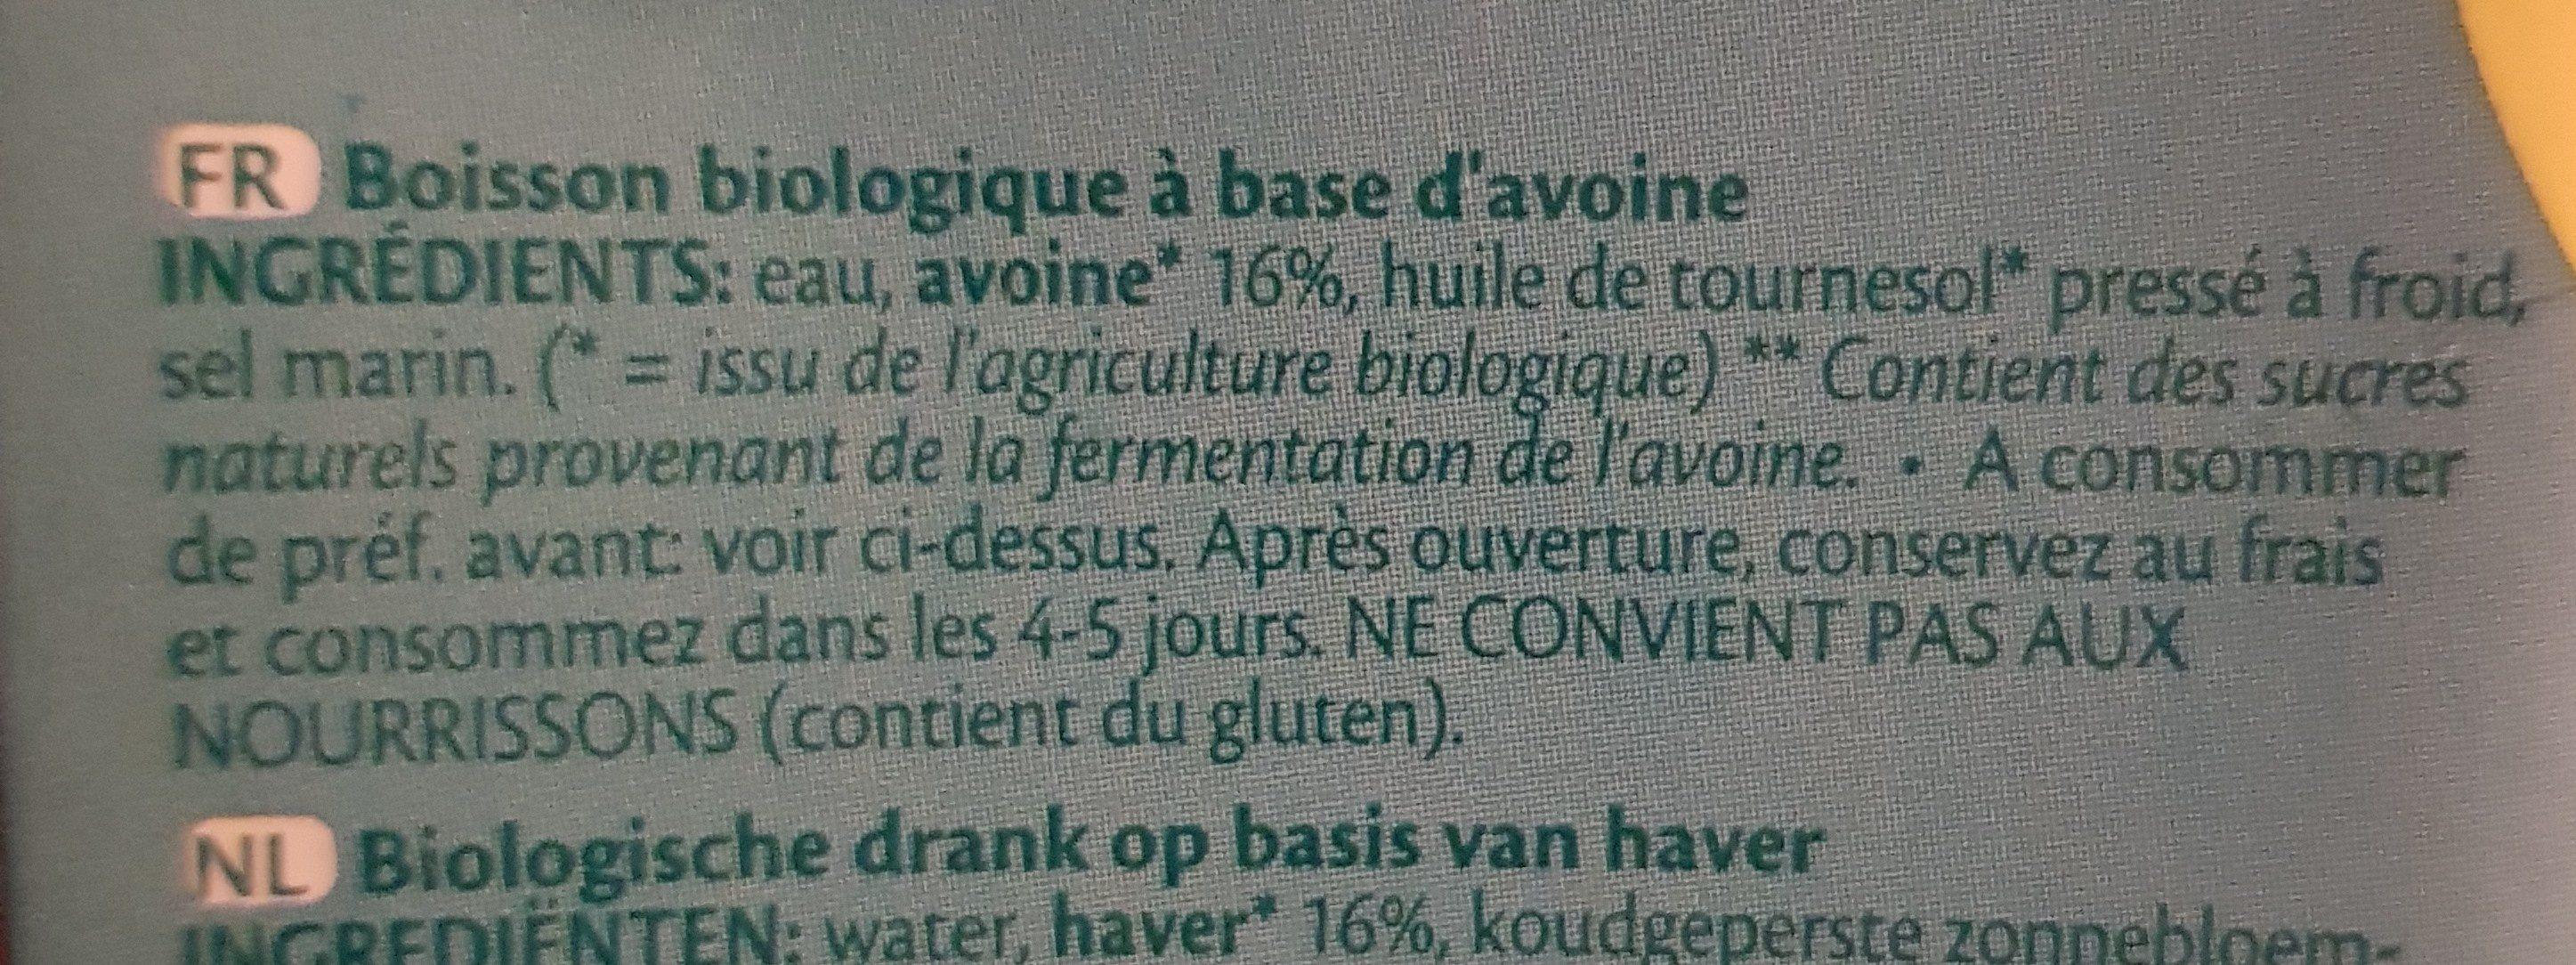 Boissons Végétales - Ingrédients - fr